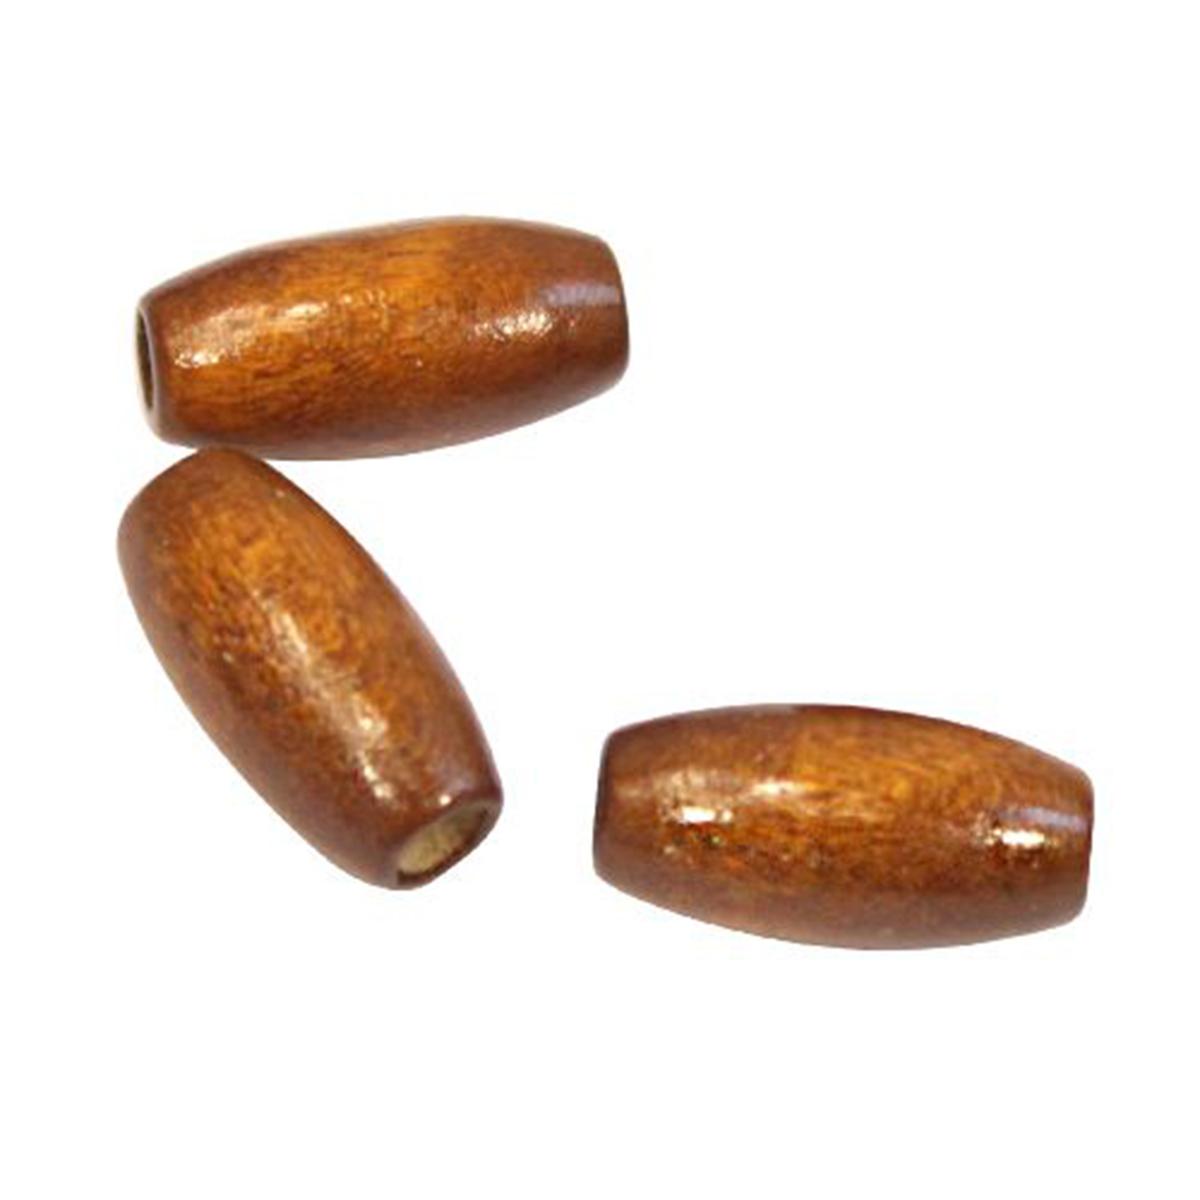 WDB0013 Деревянные бусины, кофейный, 15*7 мм, упак./70 шт., 'Астра'